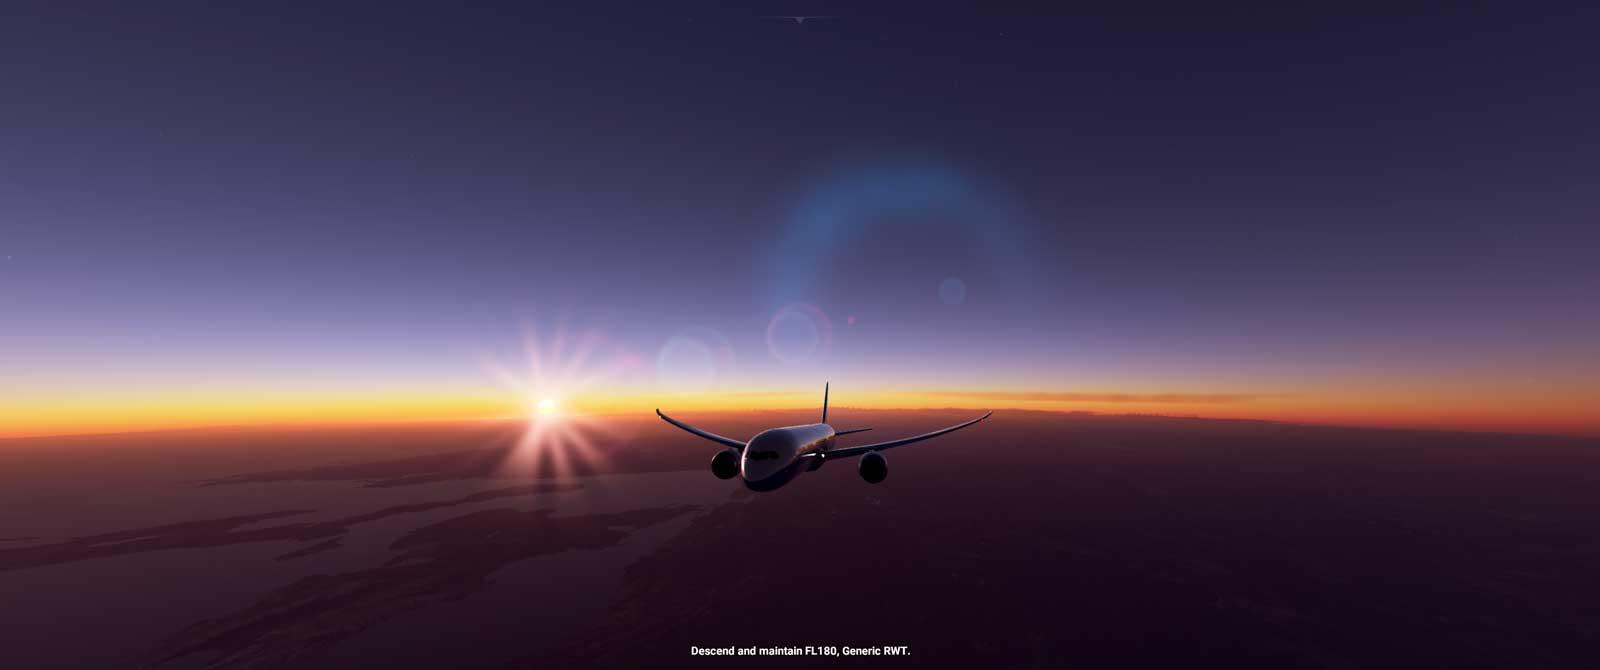 787-Sunset-Adriatic